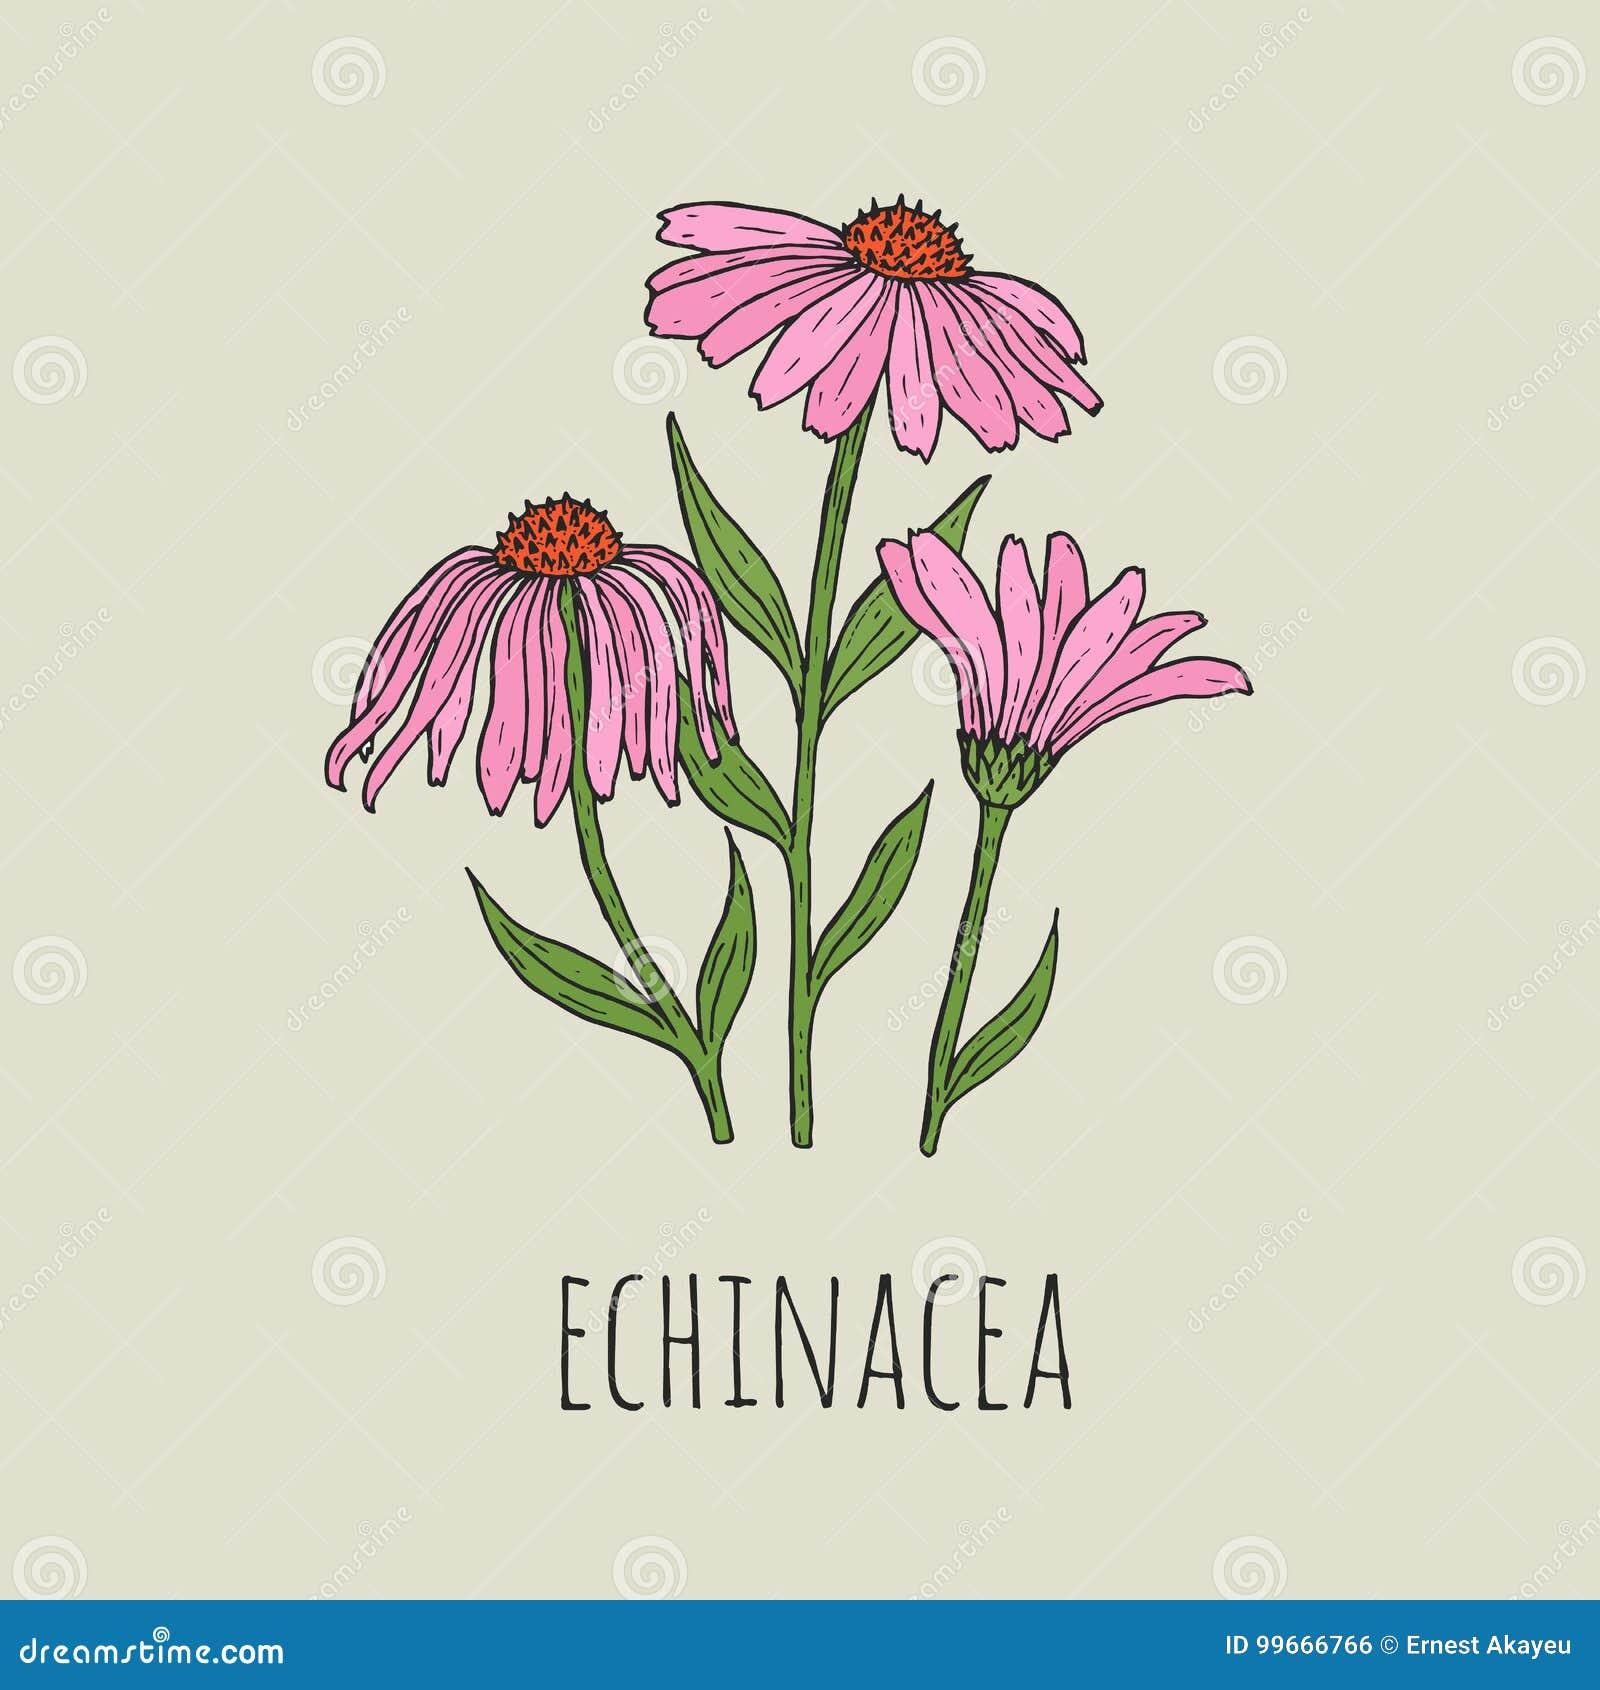 Dibujo Botanico Detallado Del Crecimiento De Flores Rosado Elegante